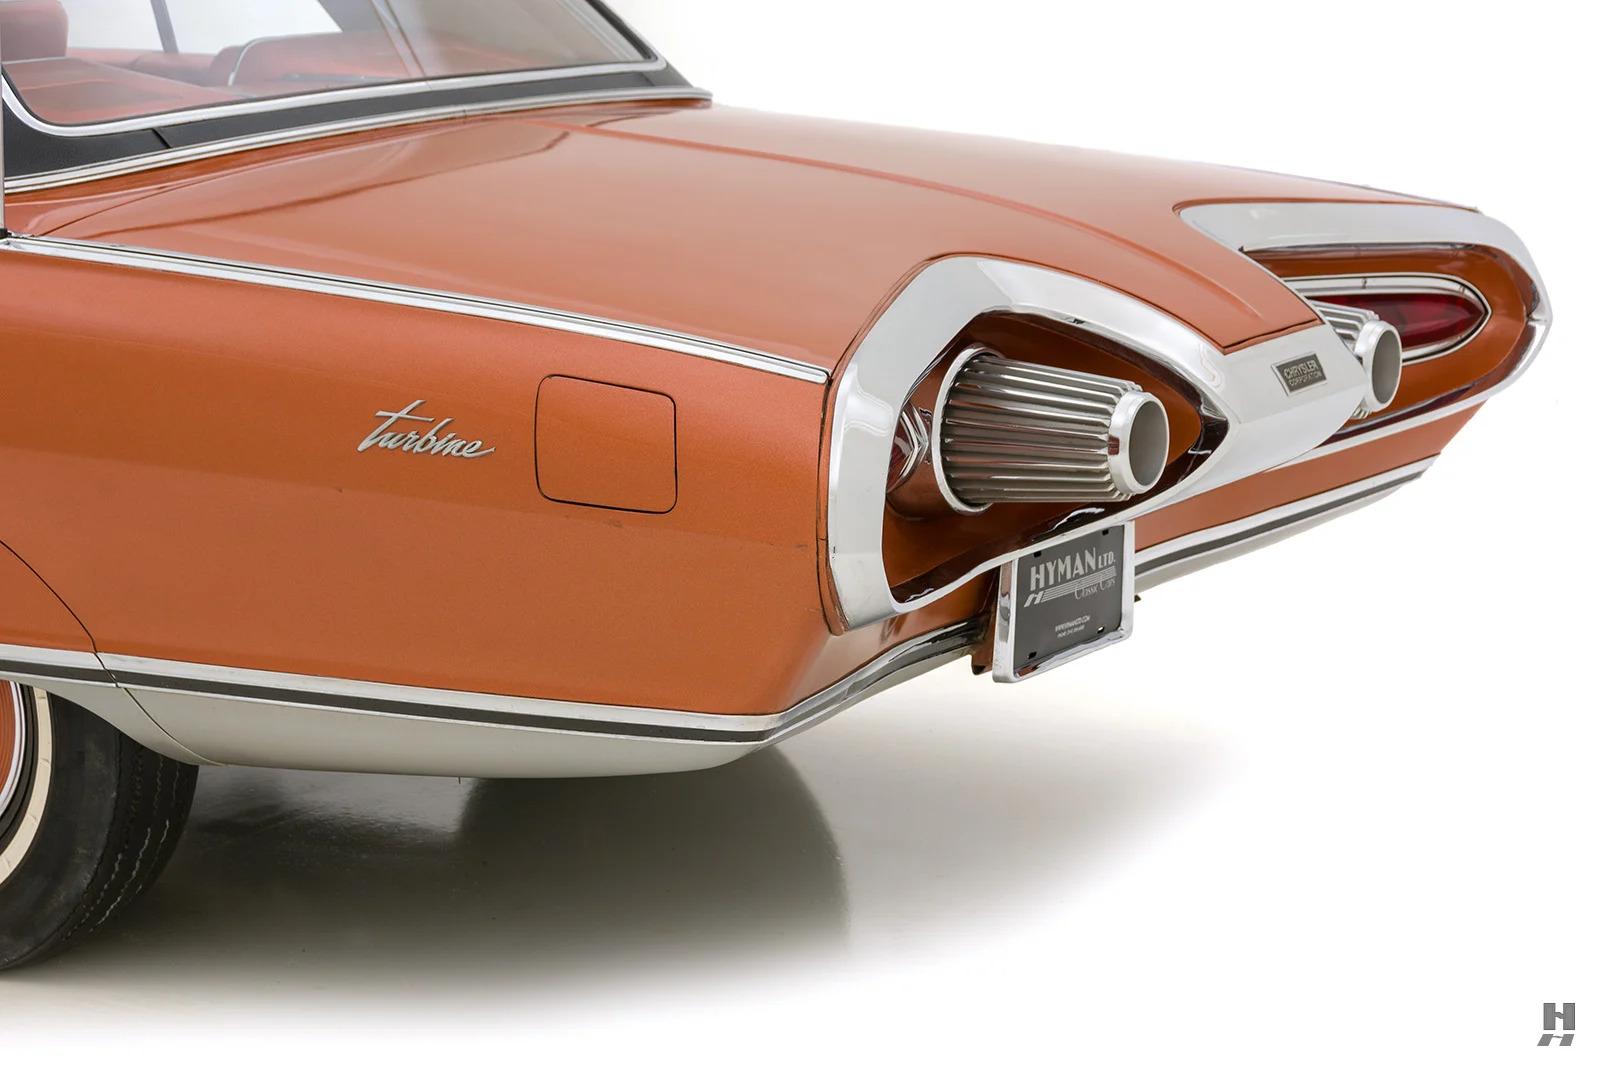 1963 Chrysler Turbine Car rear